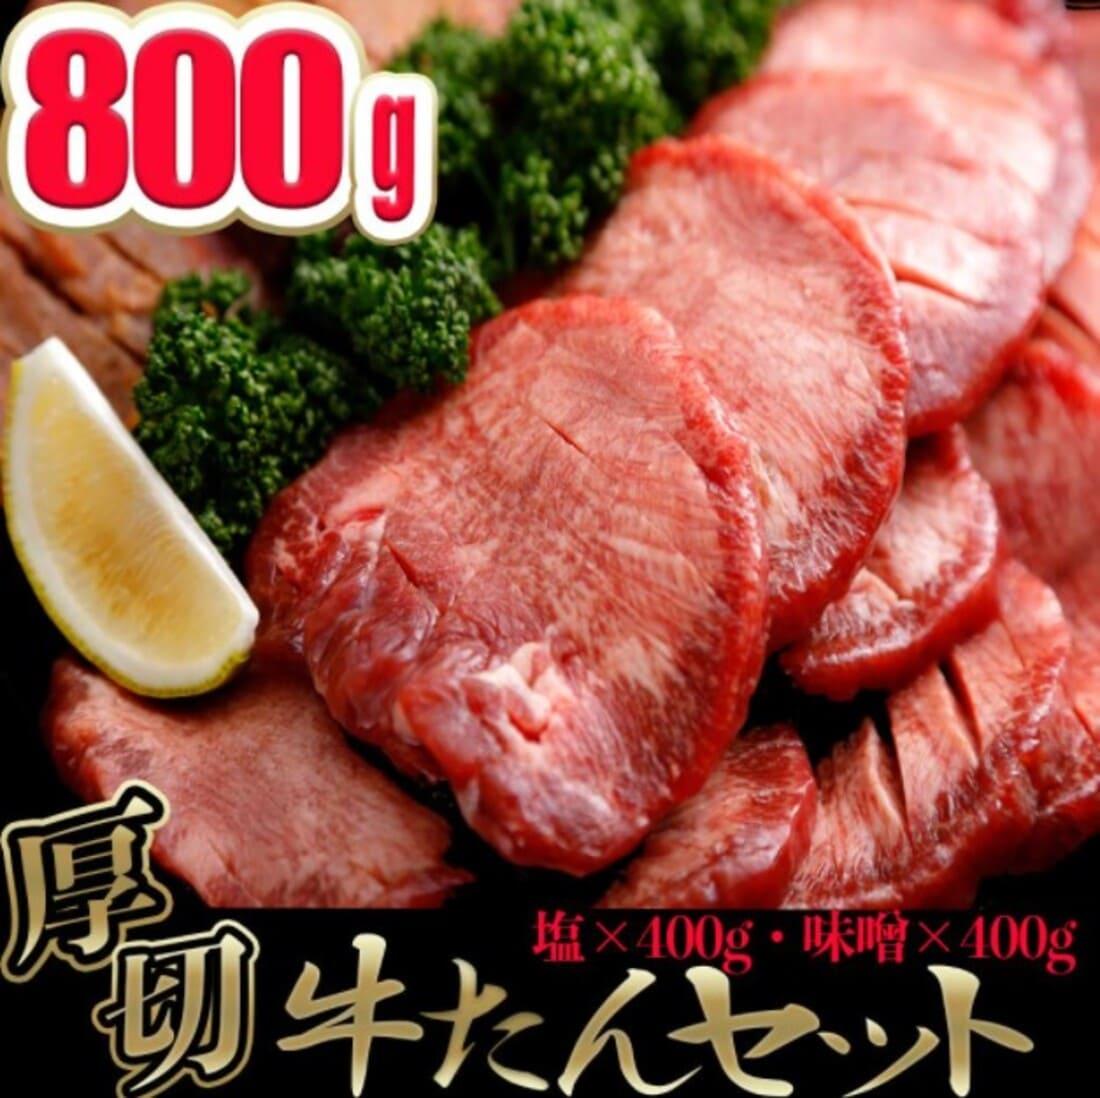 古川ミート 厚切り牛タンセット800g